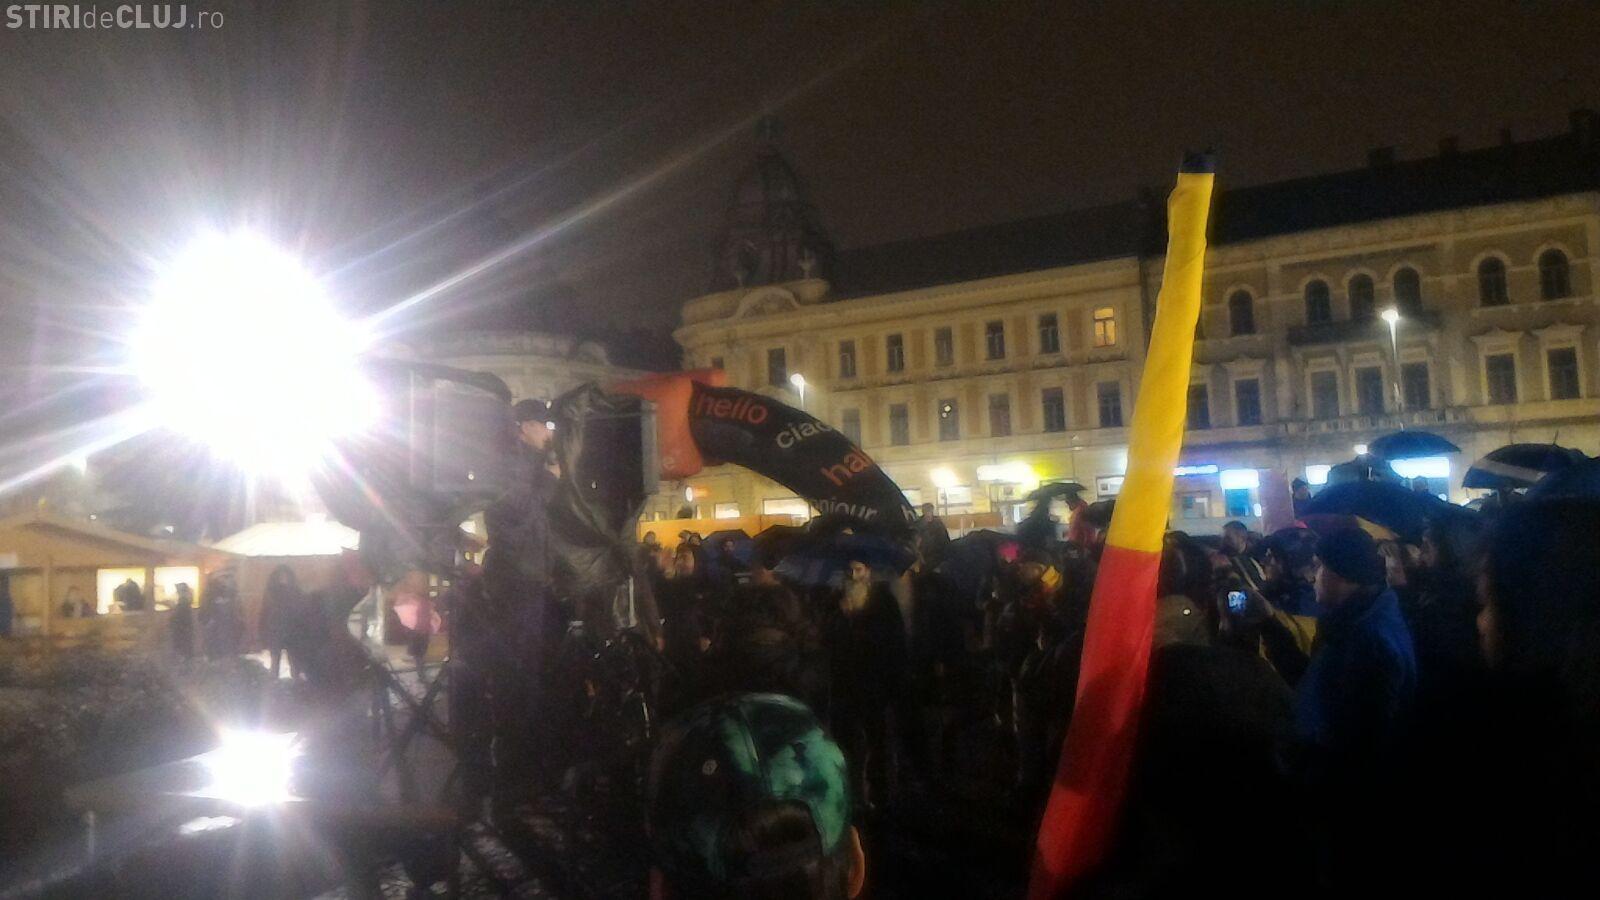 Ziua opt de proteste la Cluj! Peste 1.000 de oameni pleacă în marș FOTO